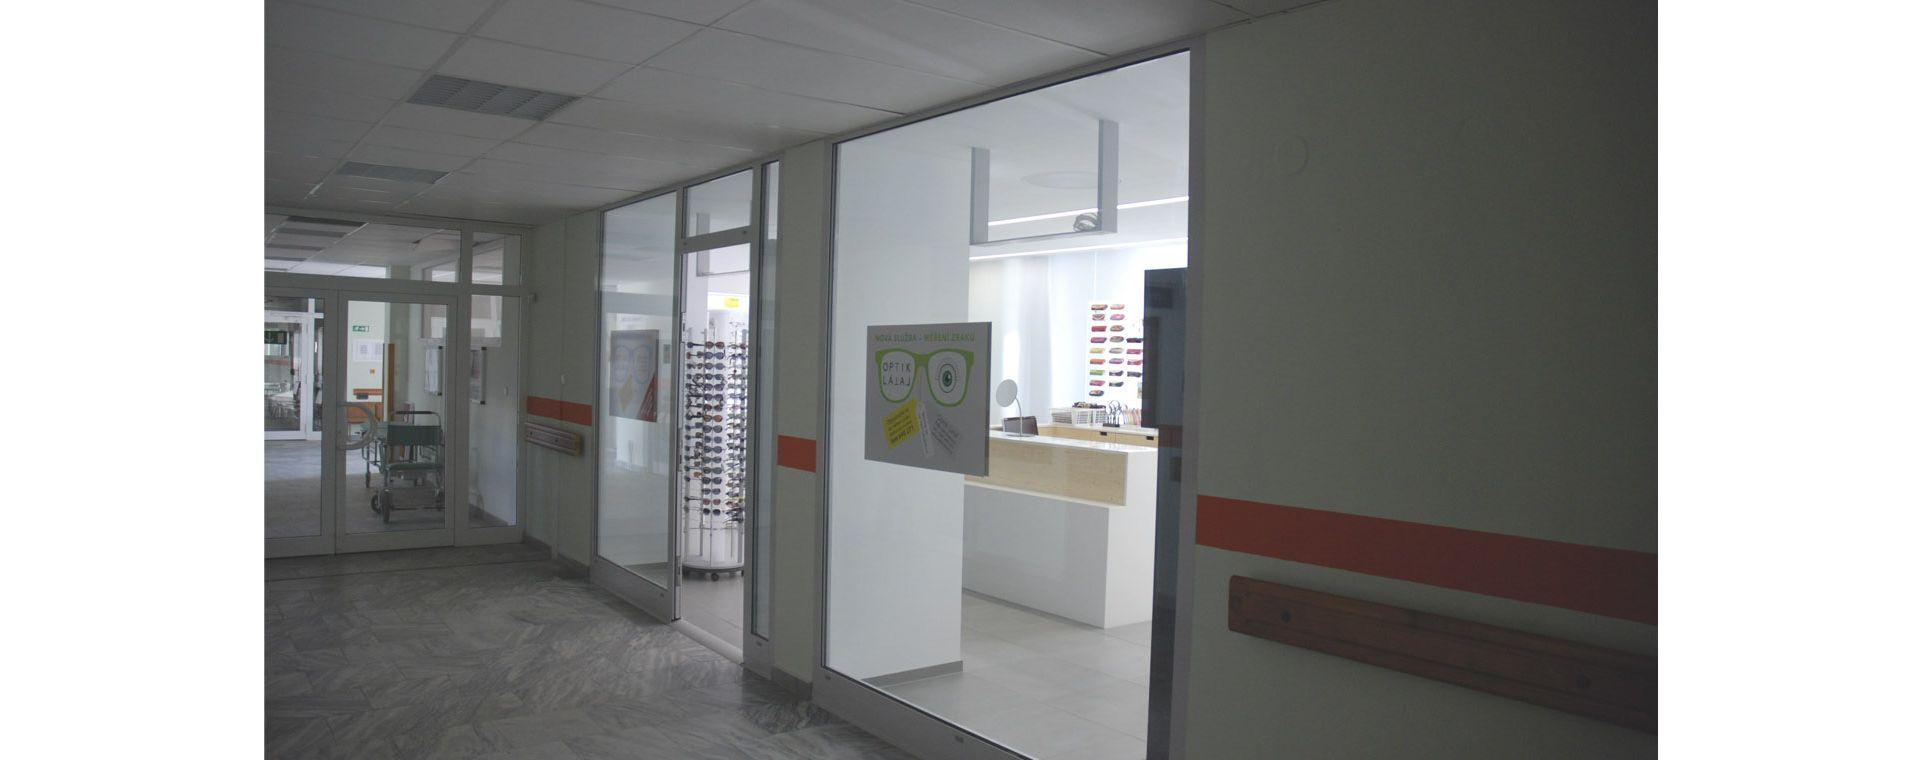 Vizitka Optika Látal, 2013, CZ